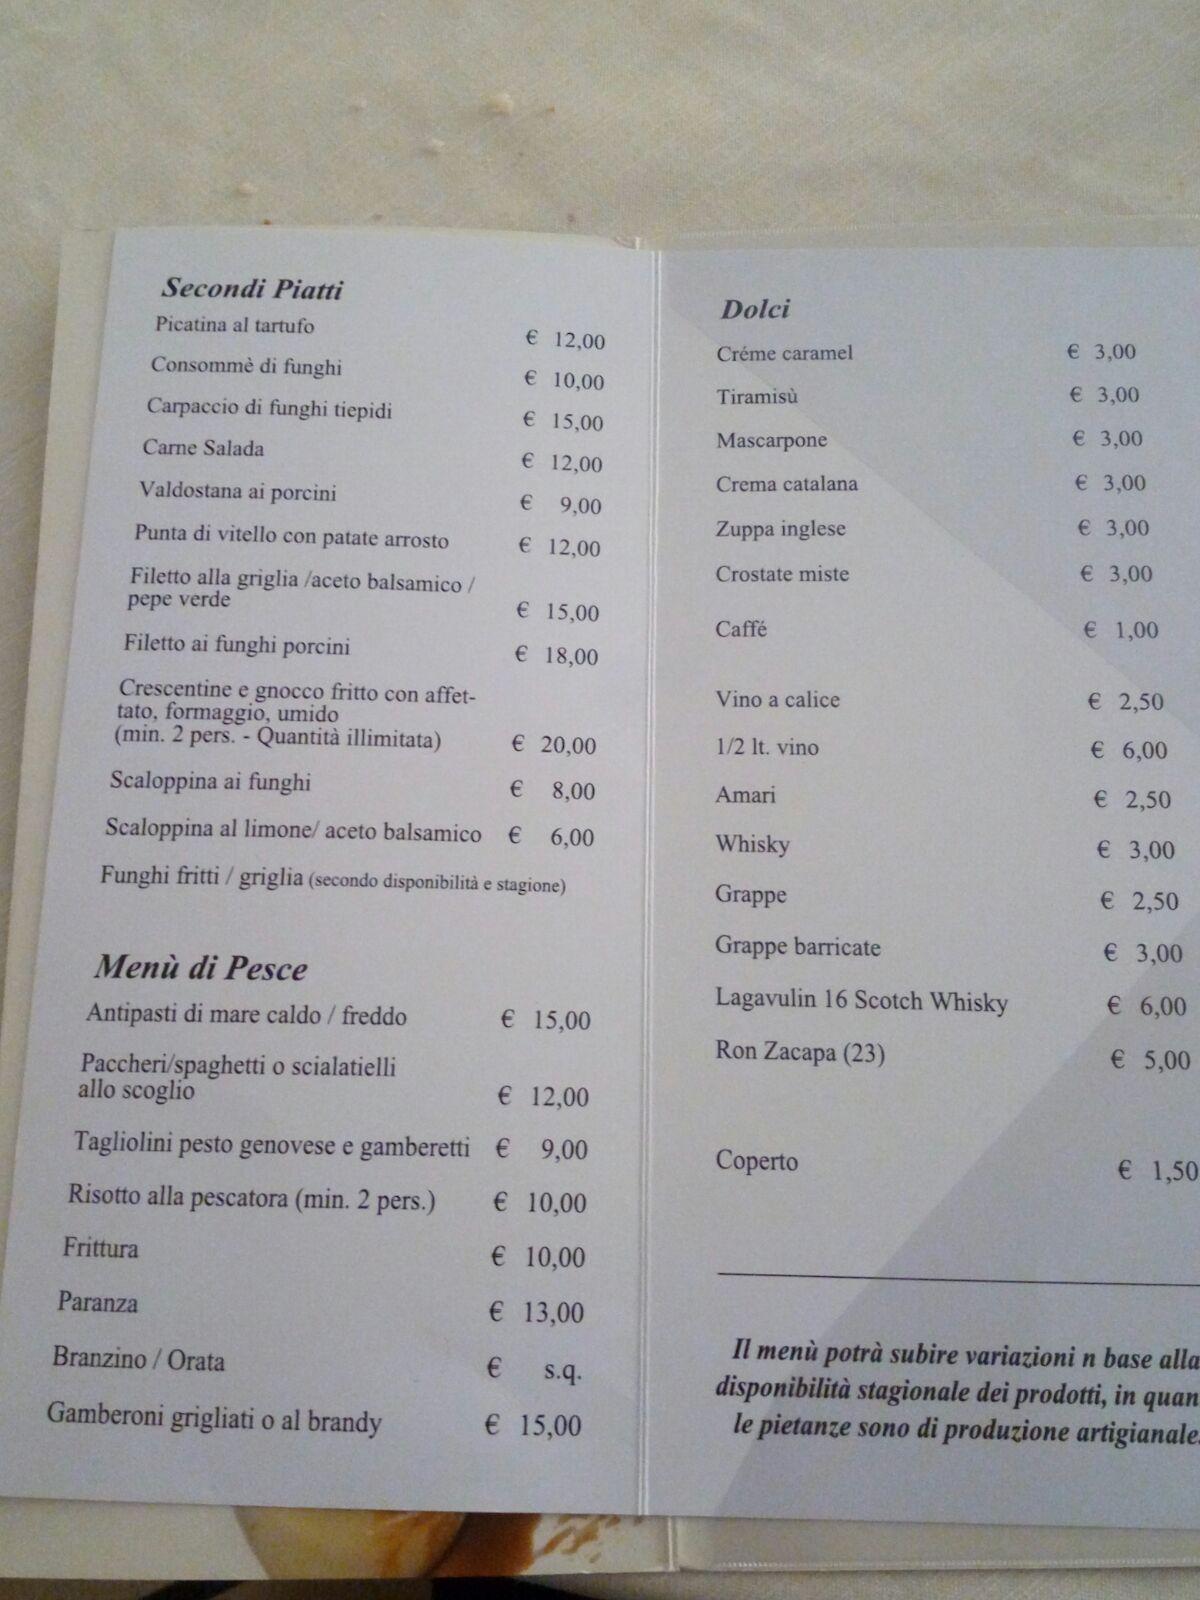 Secondi piatti,menu di pesce e postri